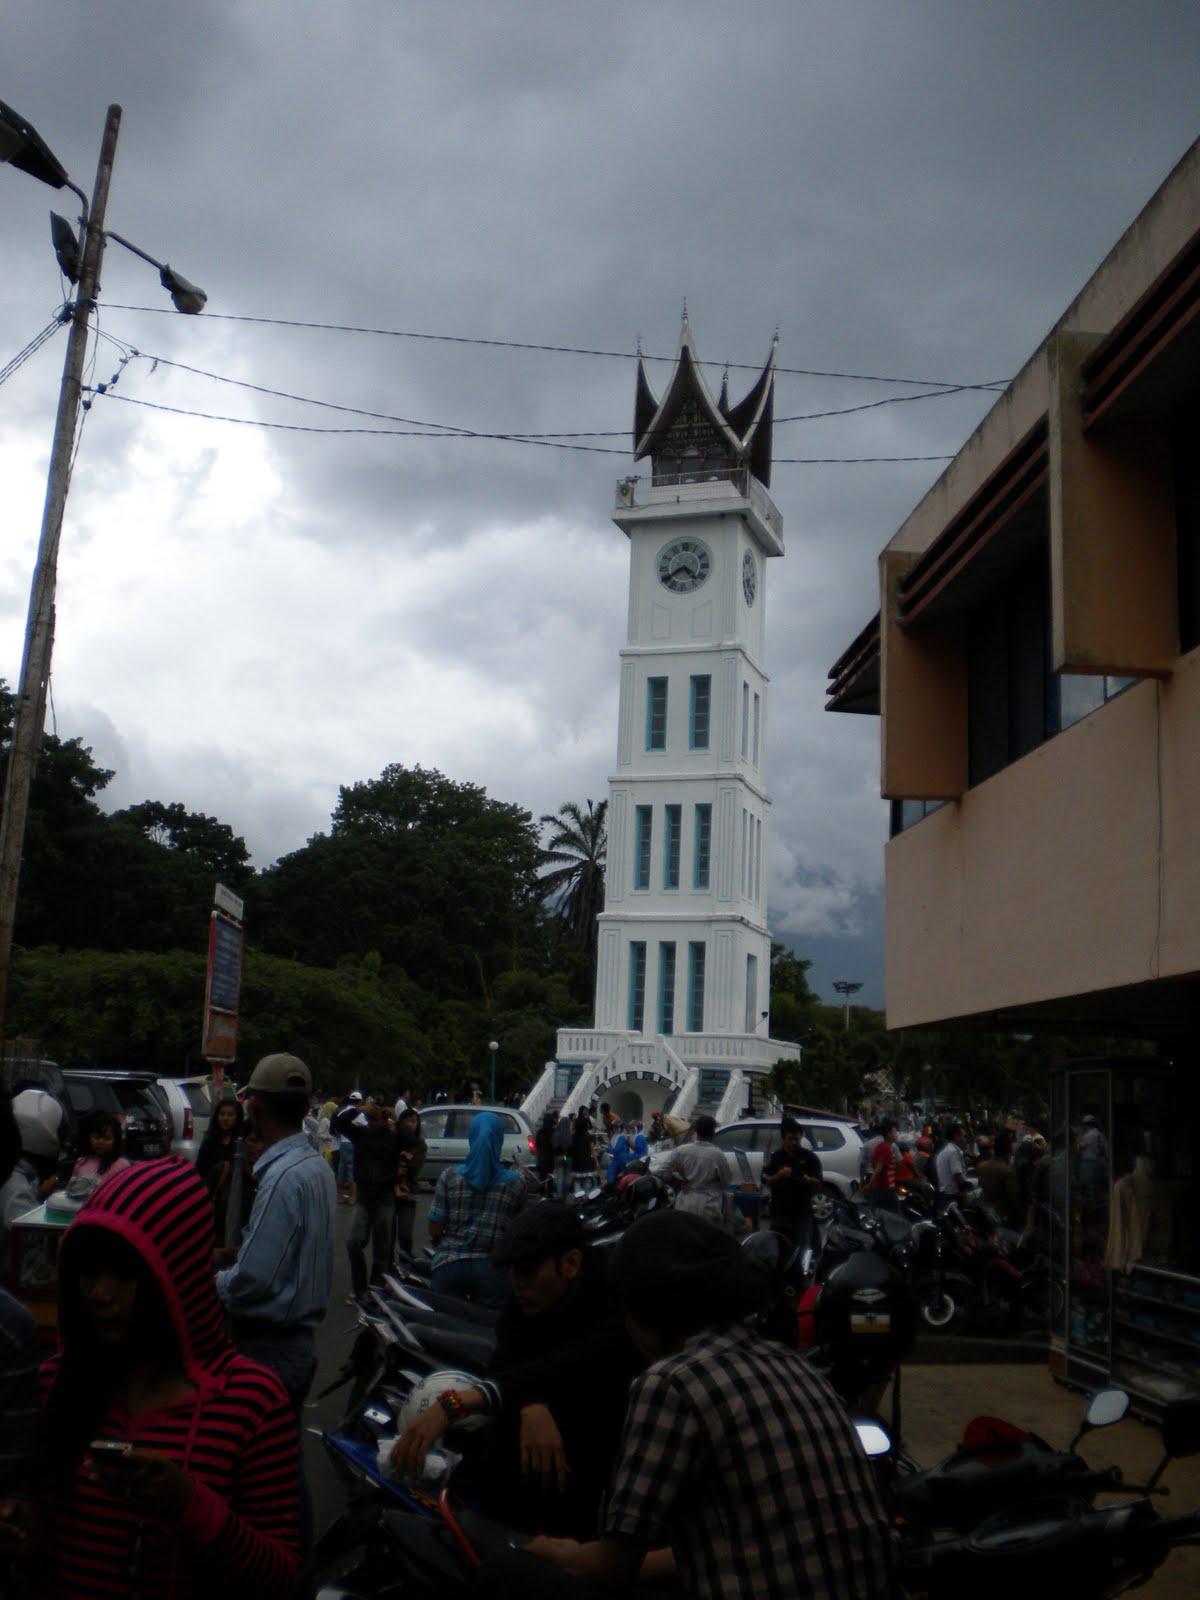 Catatan PadangBukit Tinggi Sumatera Barat 2010